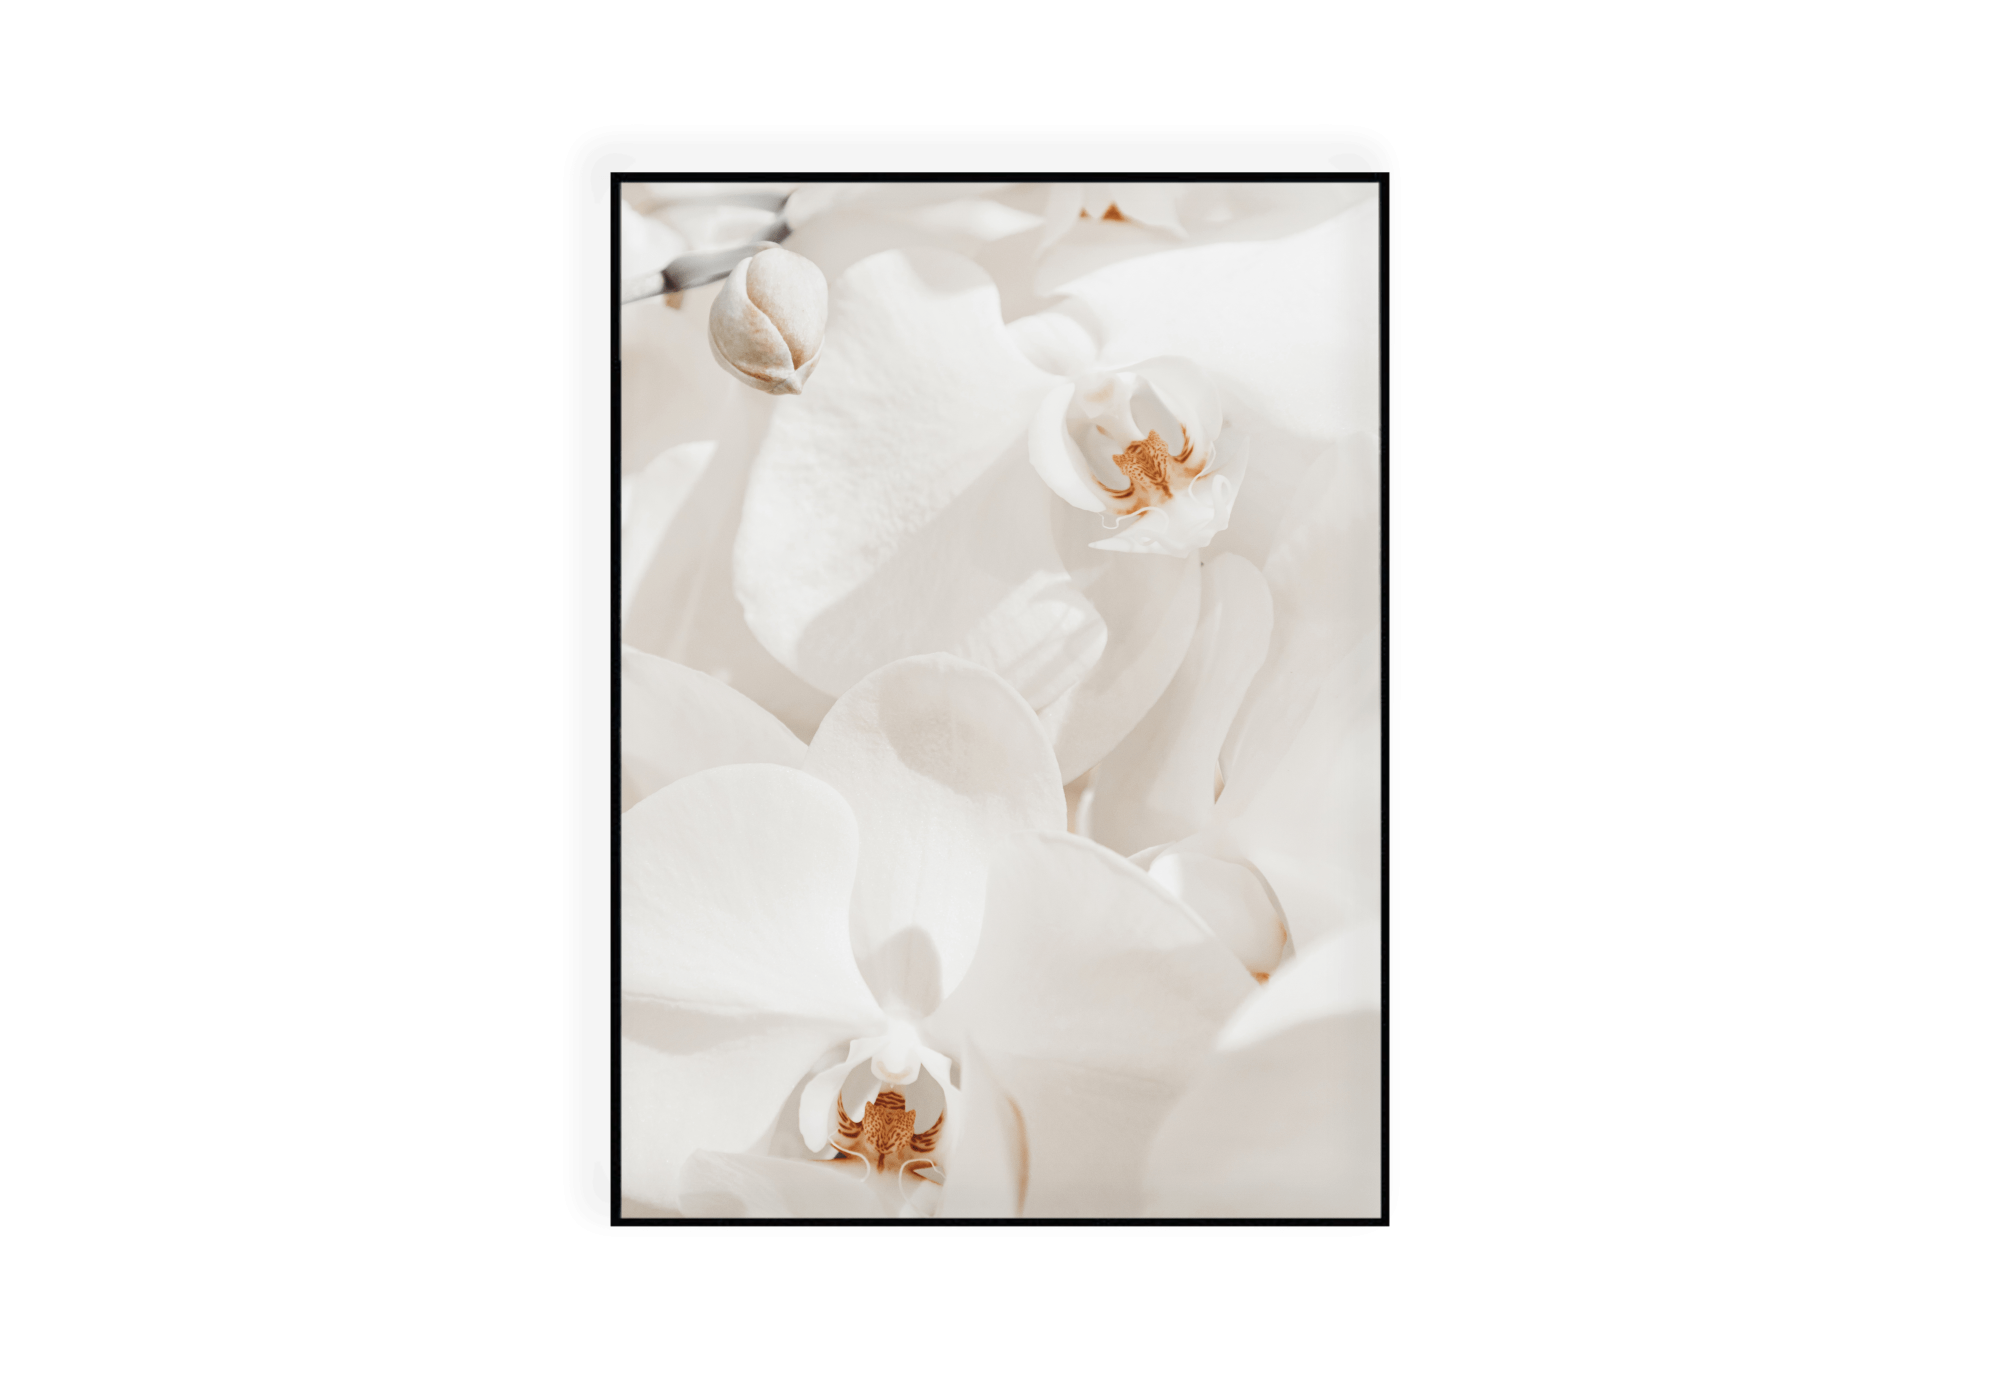 Photographie en gros plan d'orchidées blanches au cœur ocre.